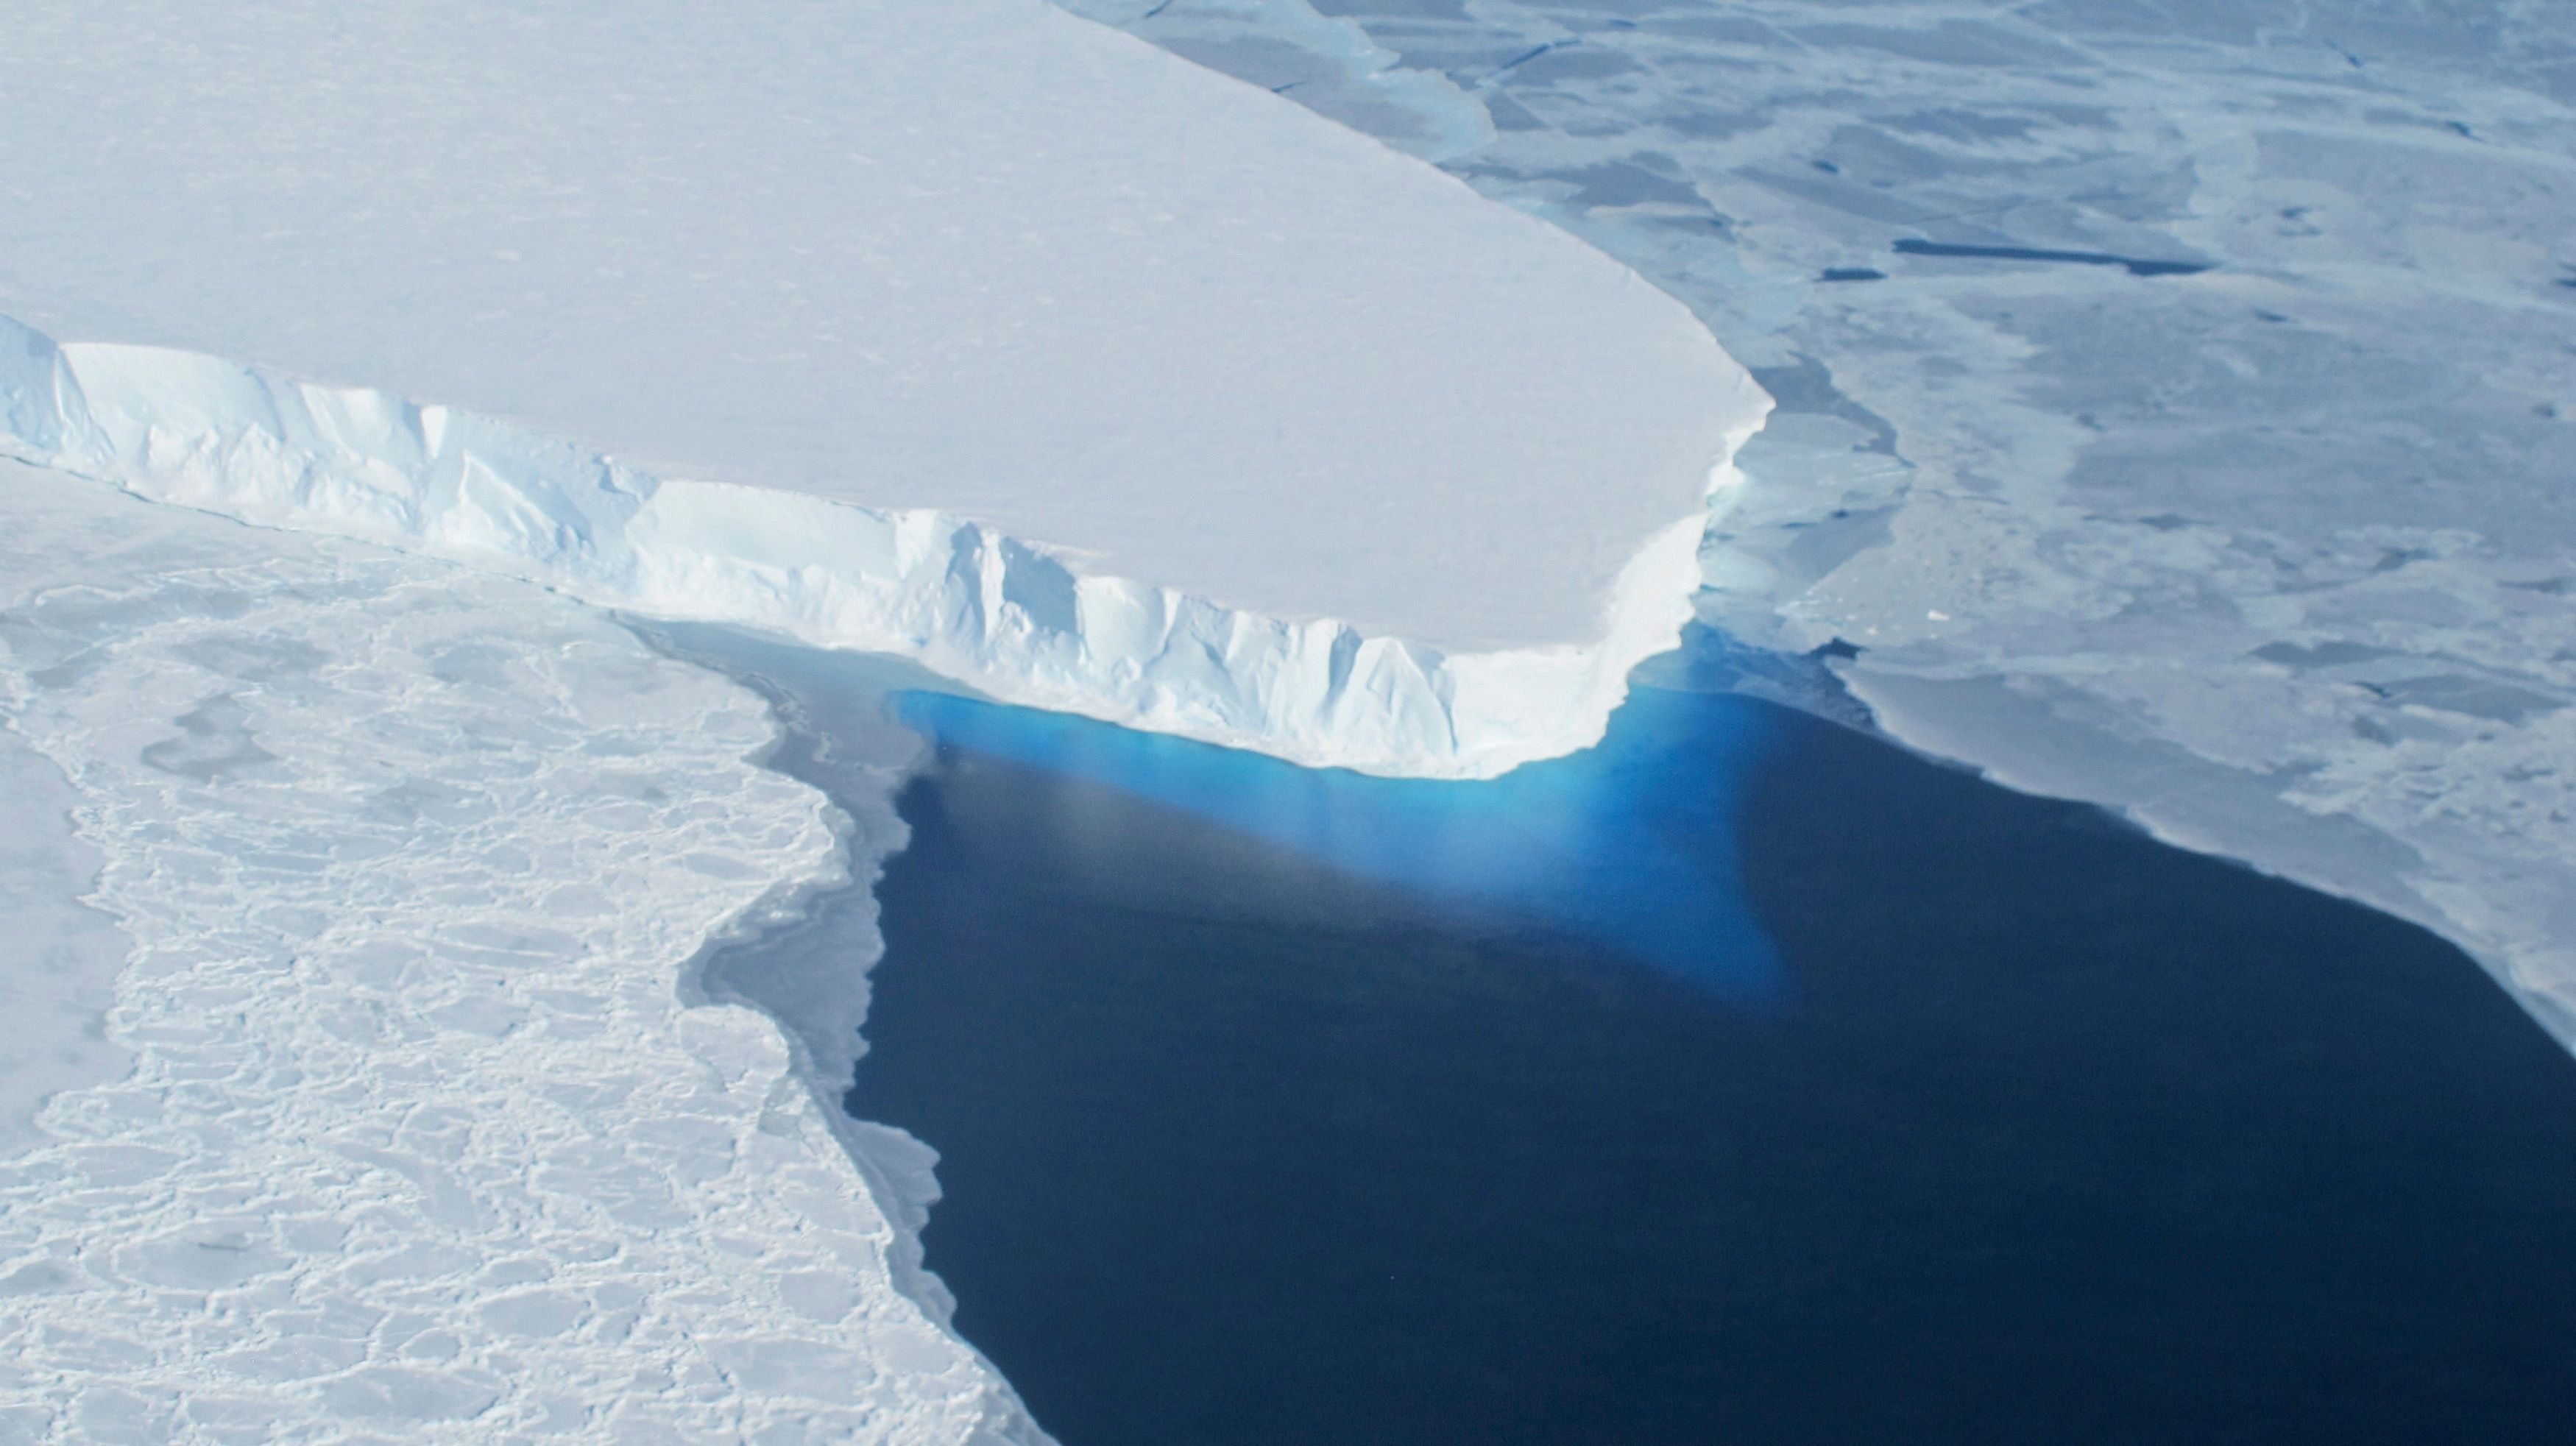 Réchauffement climatique : quand un expert du GIEC explique pourquoi son organisme choisit délibérément de publier des synthèses difficilement compréhensibles